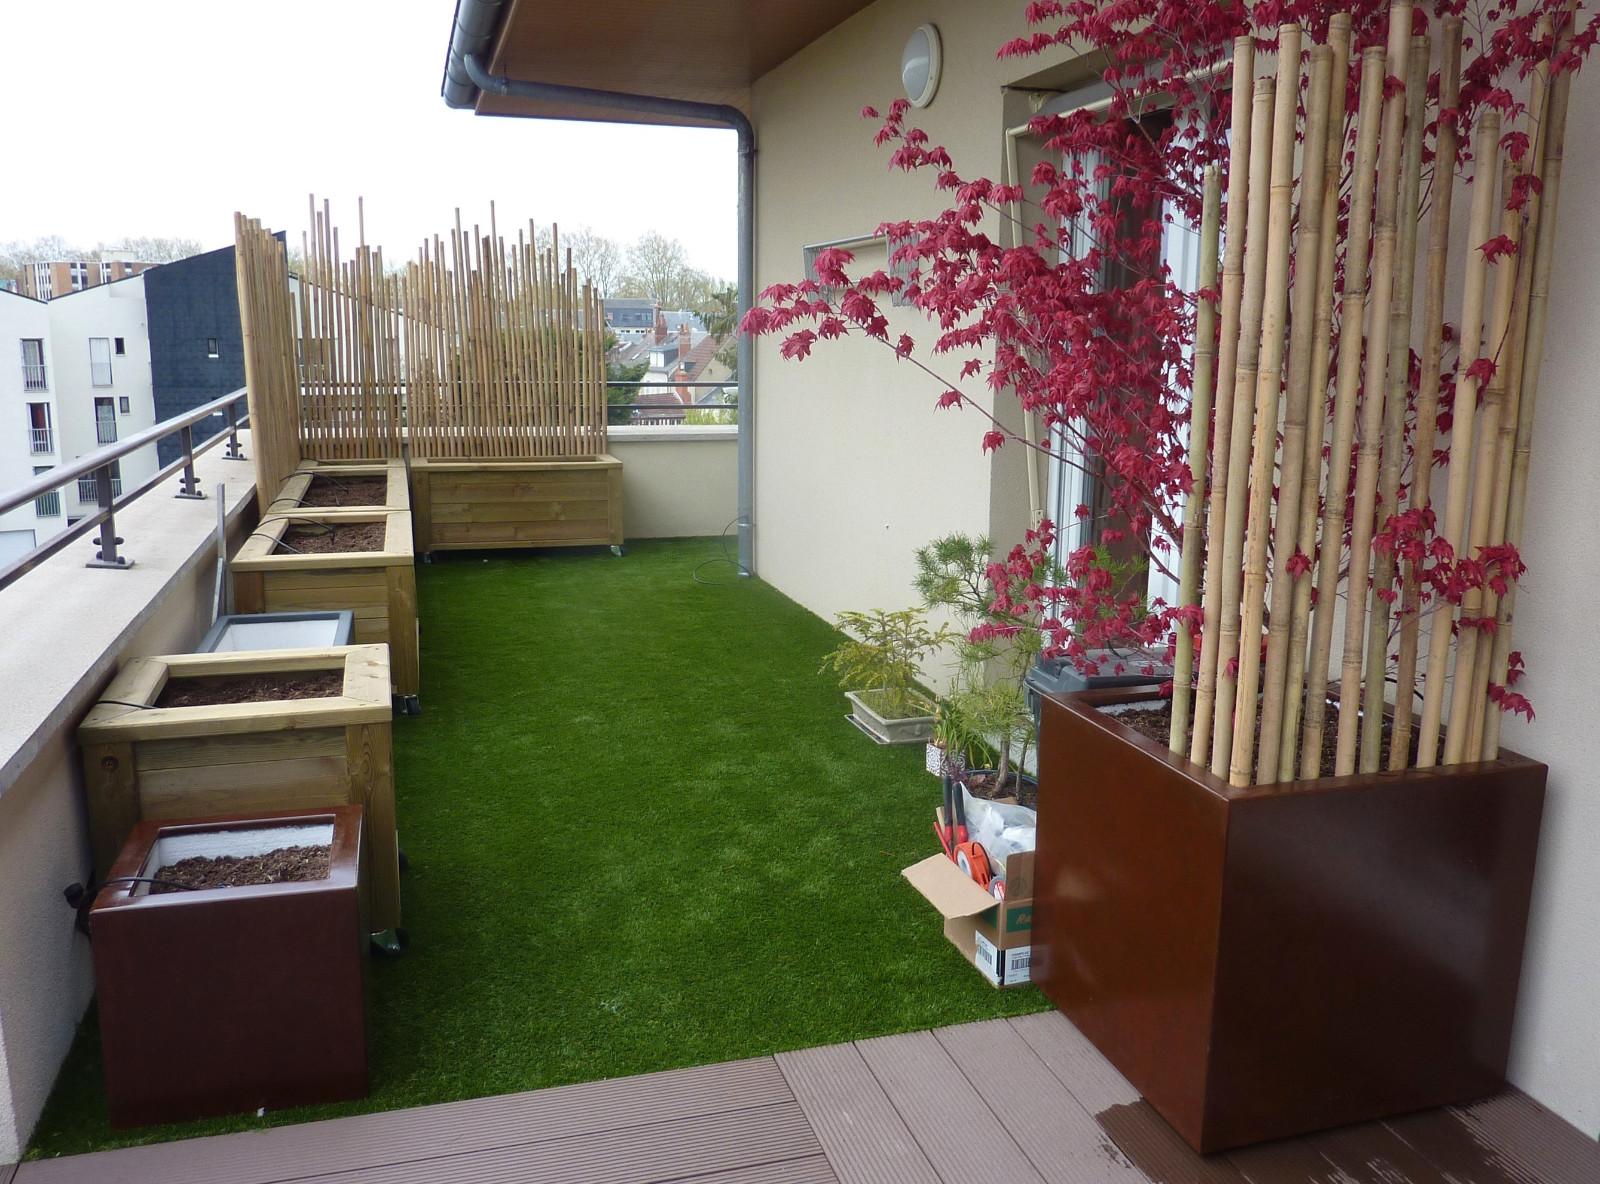 Aménagement terrasse. Brise-vent en bambou_Avril 2021 [4/4] – Travaux en cours